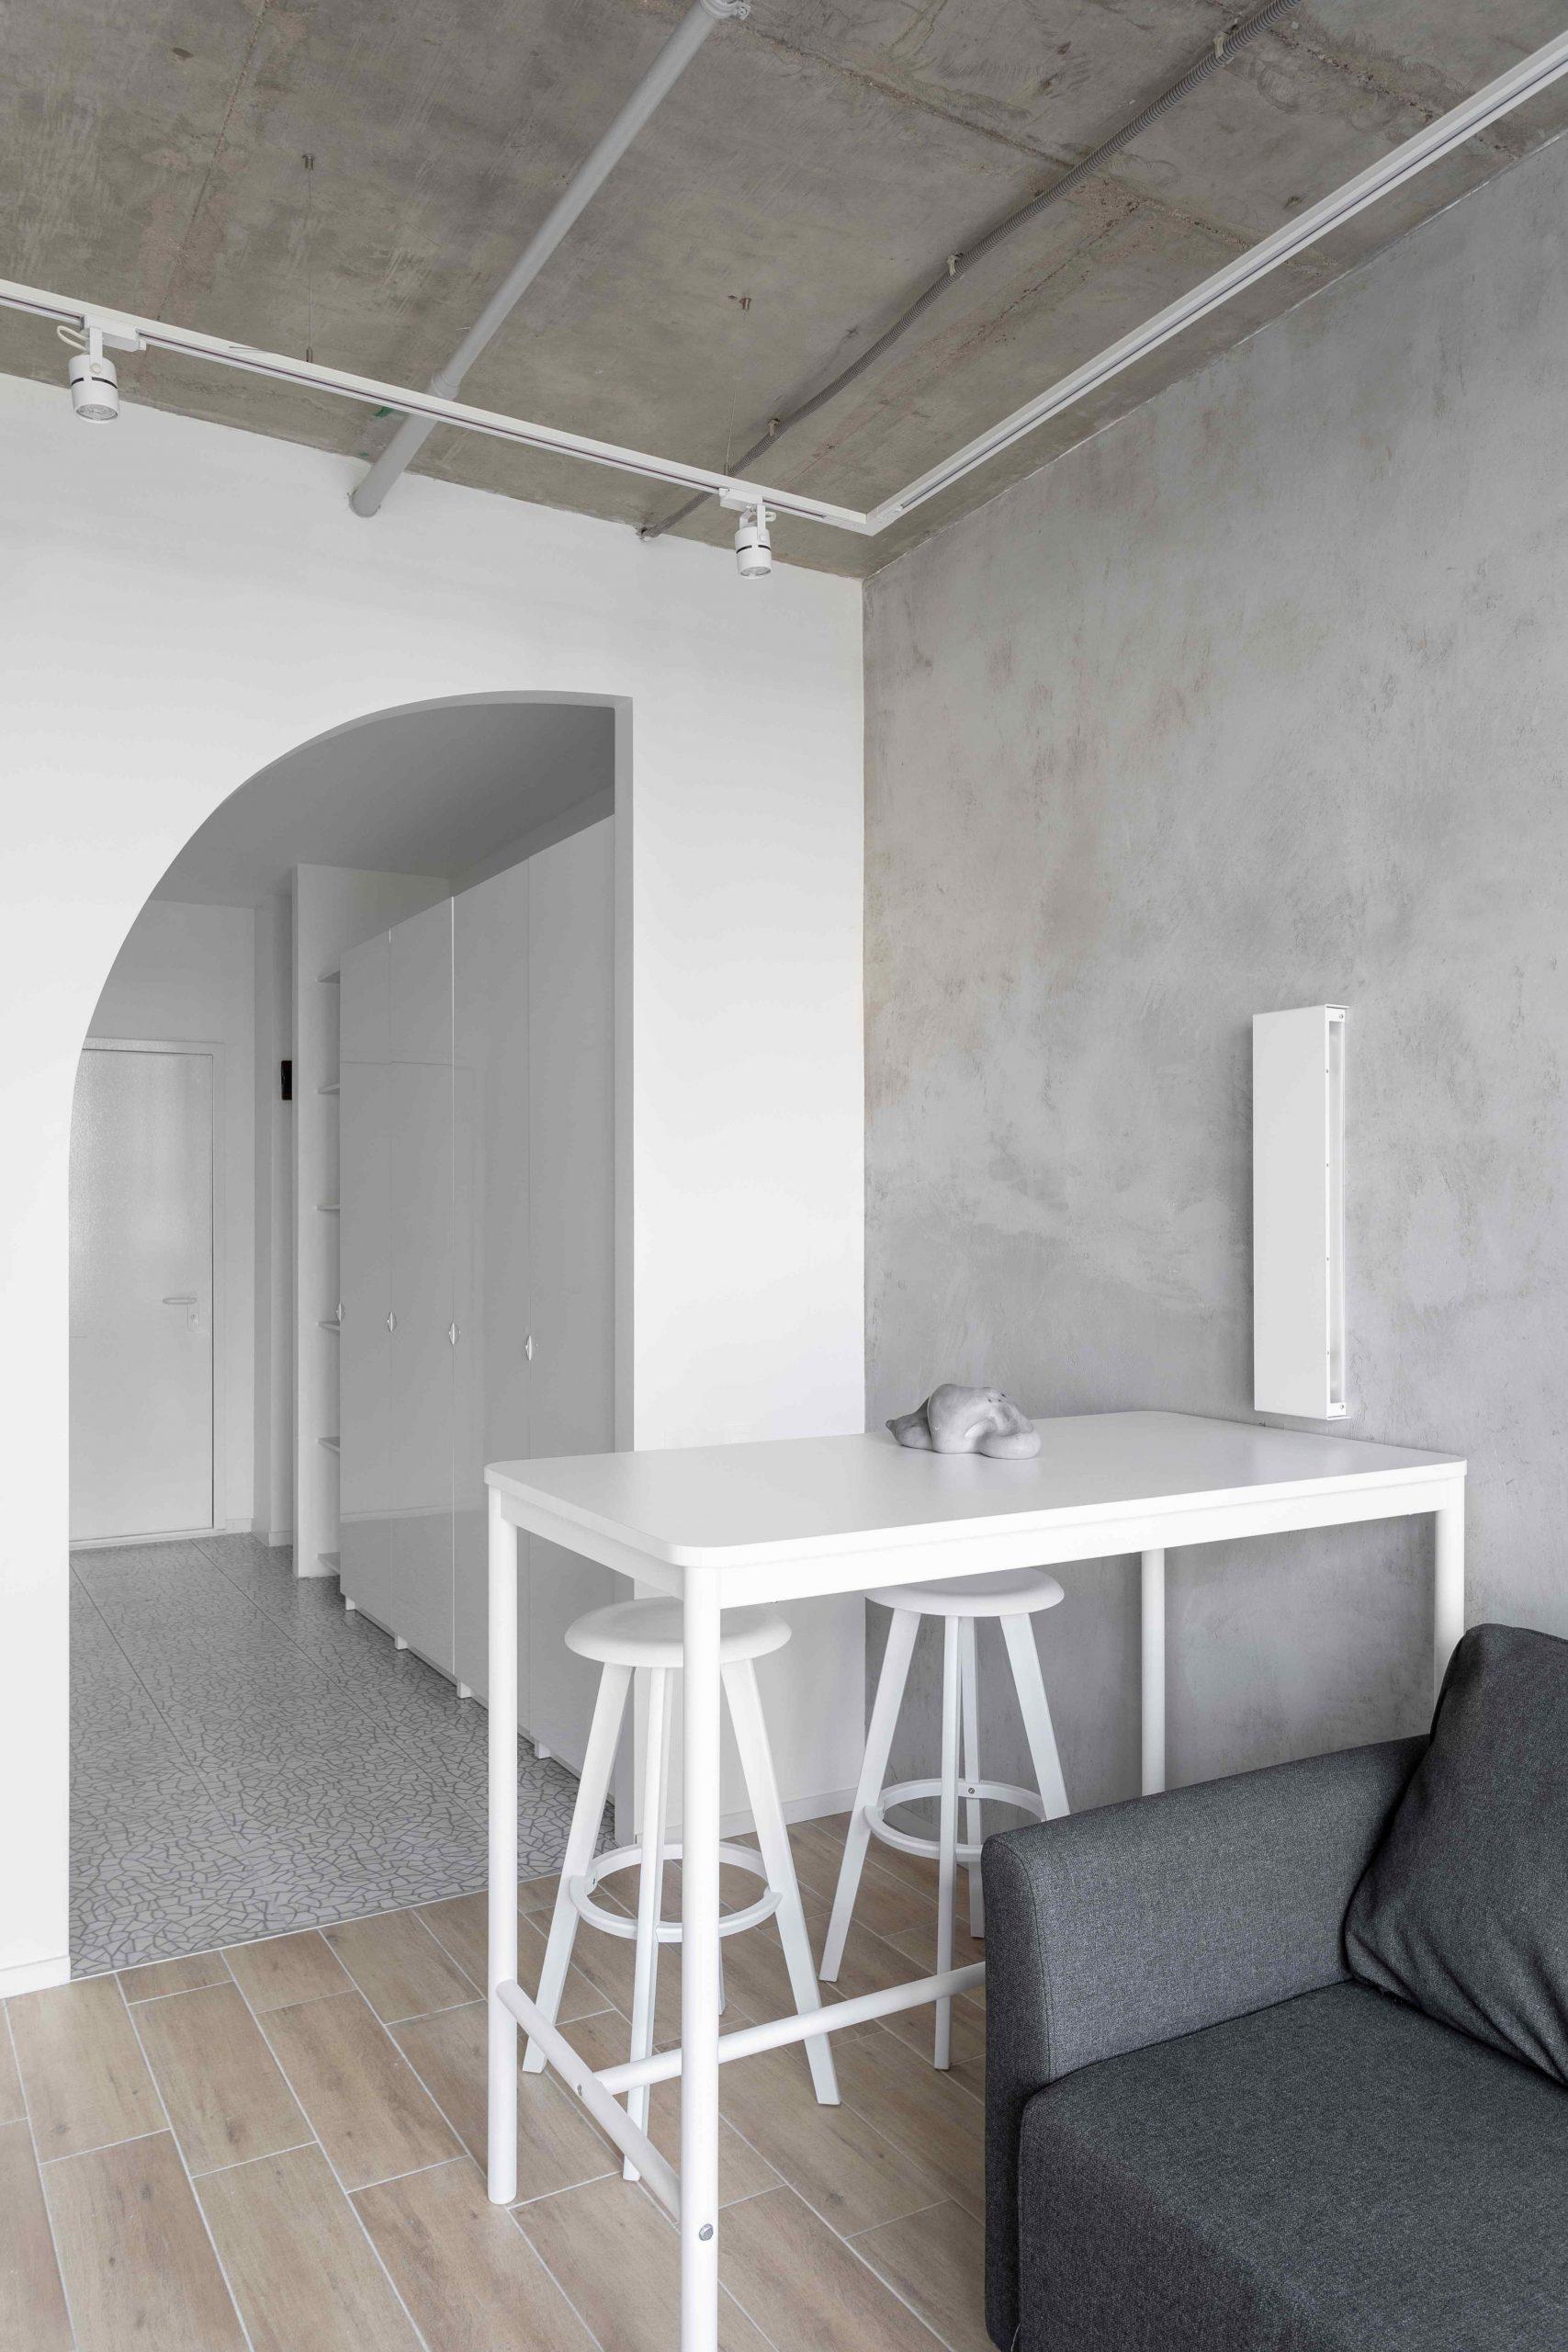 Stolík s barovými stoličkami pred oblúkom do chodby